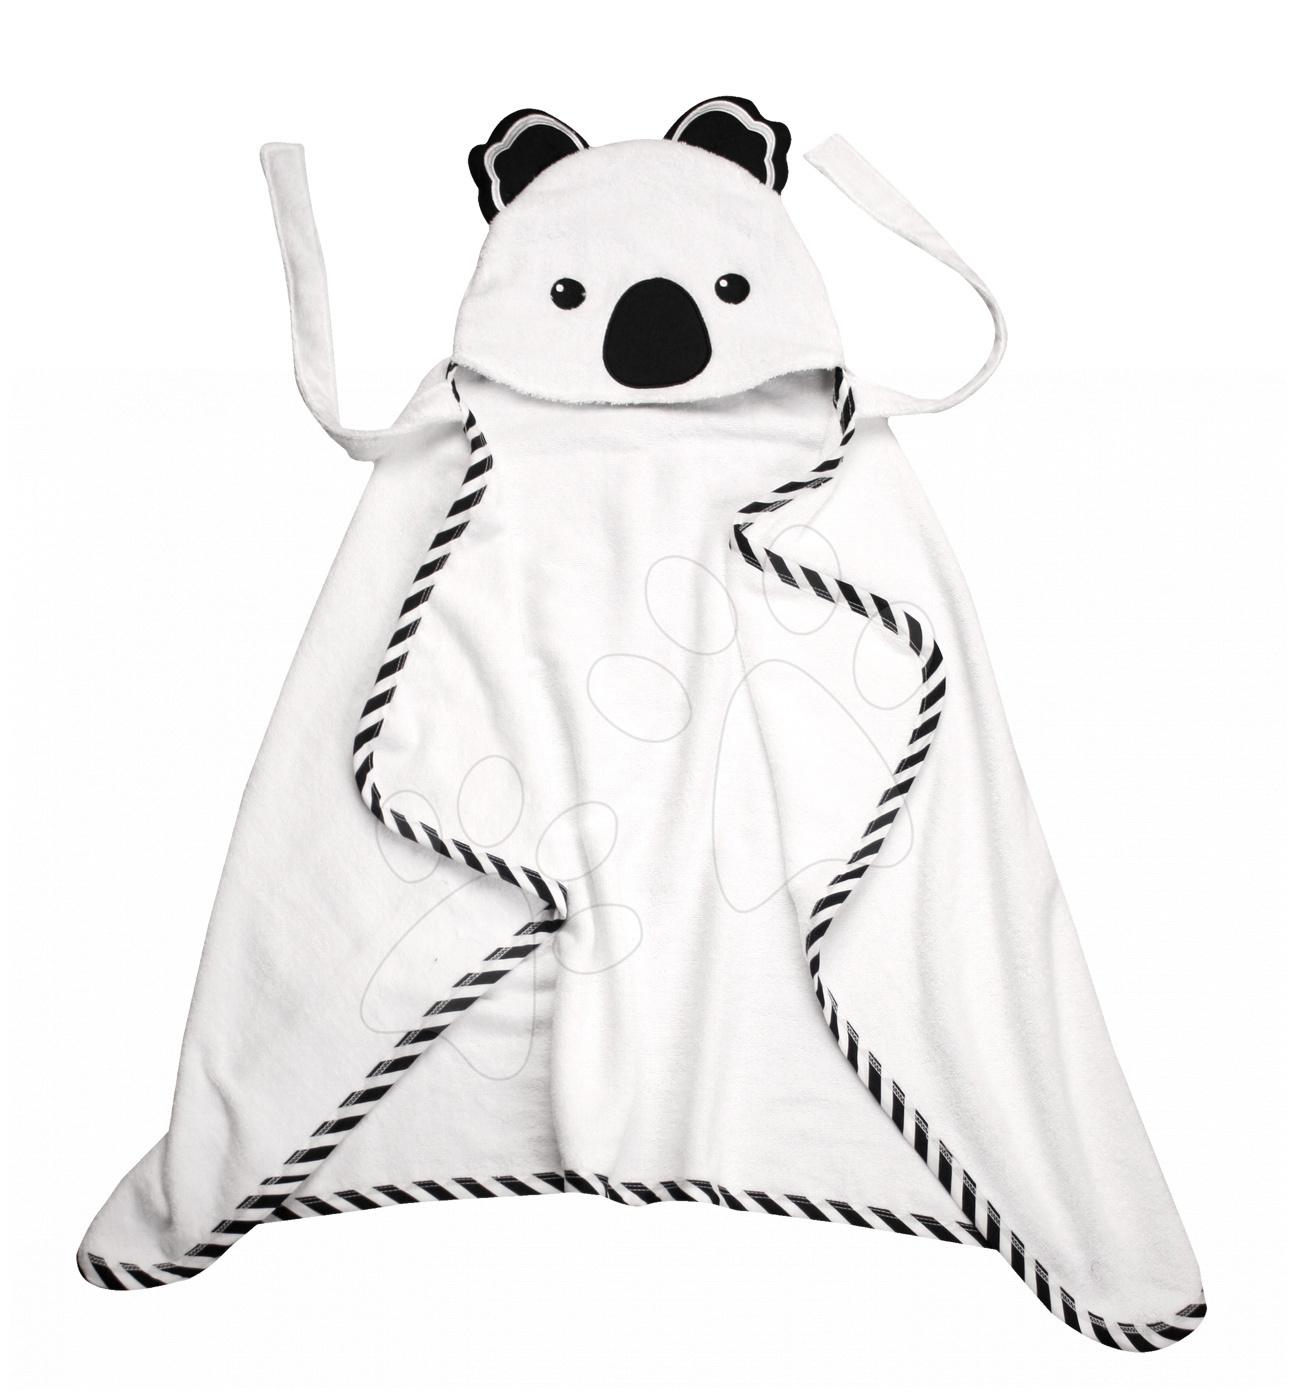 Osuška pro nejmenší Koala Bamboo toTs-smarTrike Black&White s kapucí 100% jemný bambus a bavlna od 0 měsíců